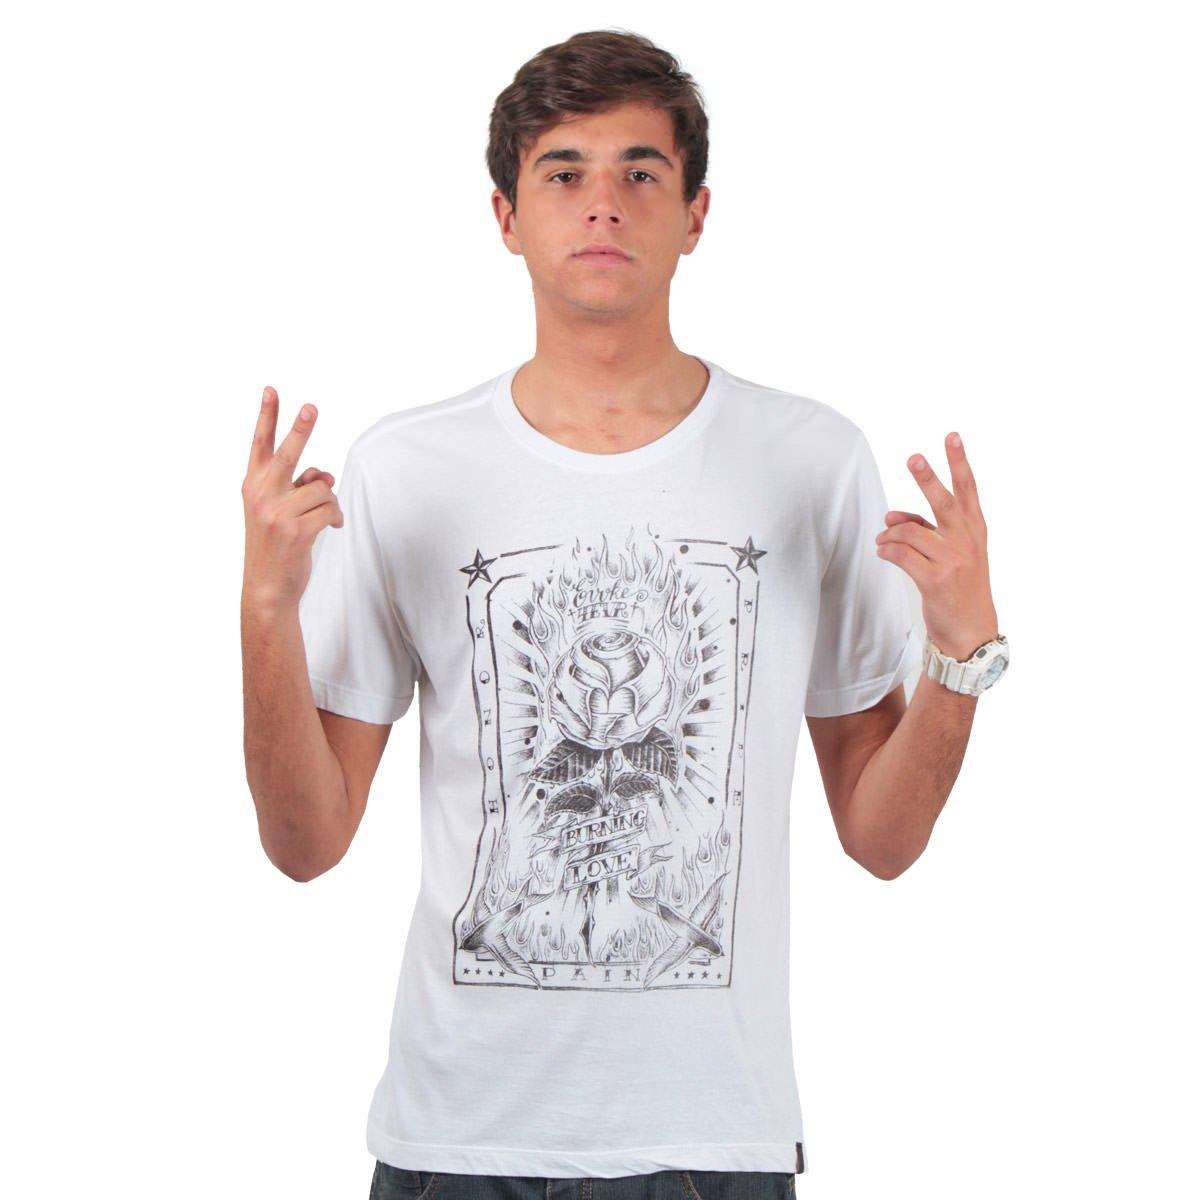 Camiseta Evoke Burning Love Branco  Camiseta Evoke Burning Love Branco 35b9aca8ef